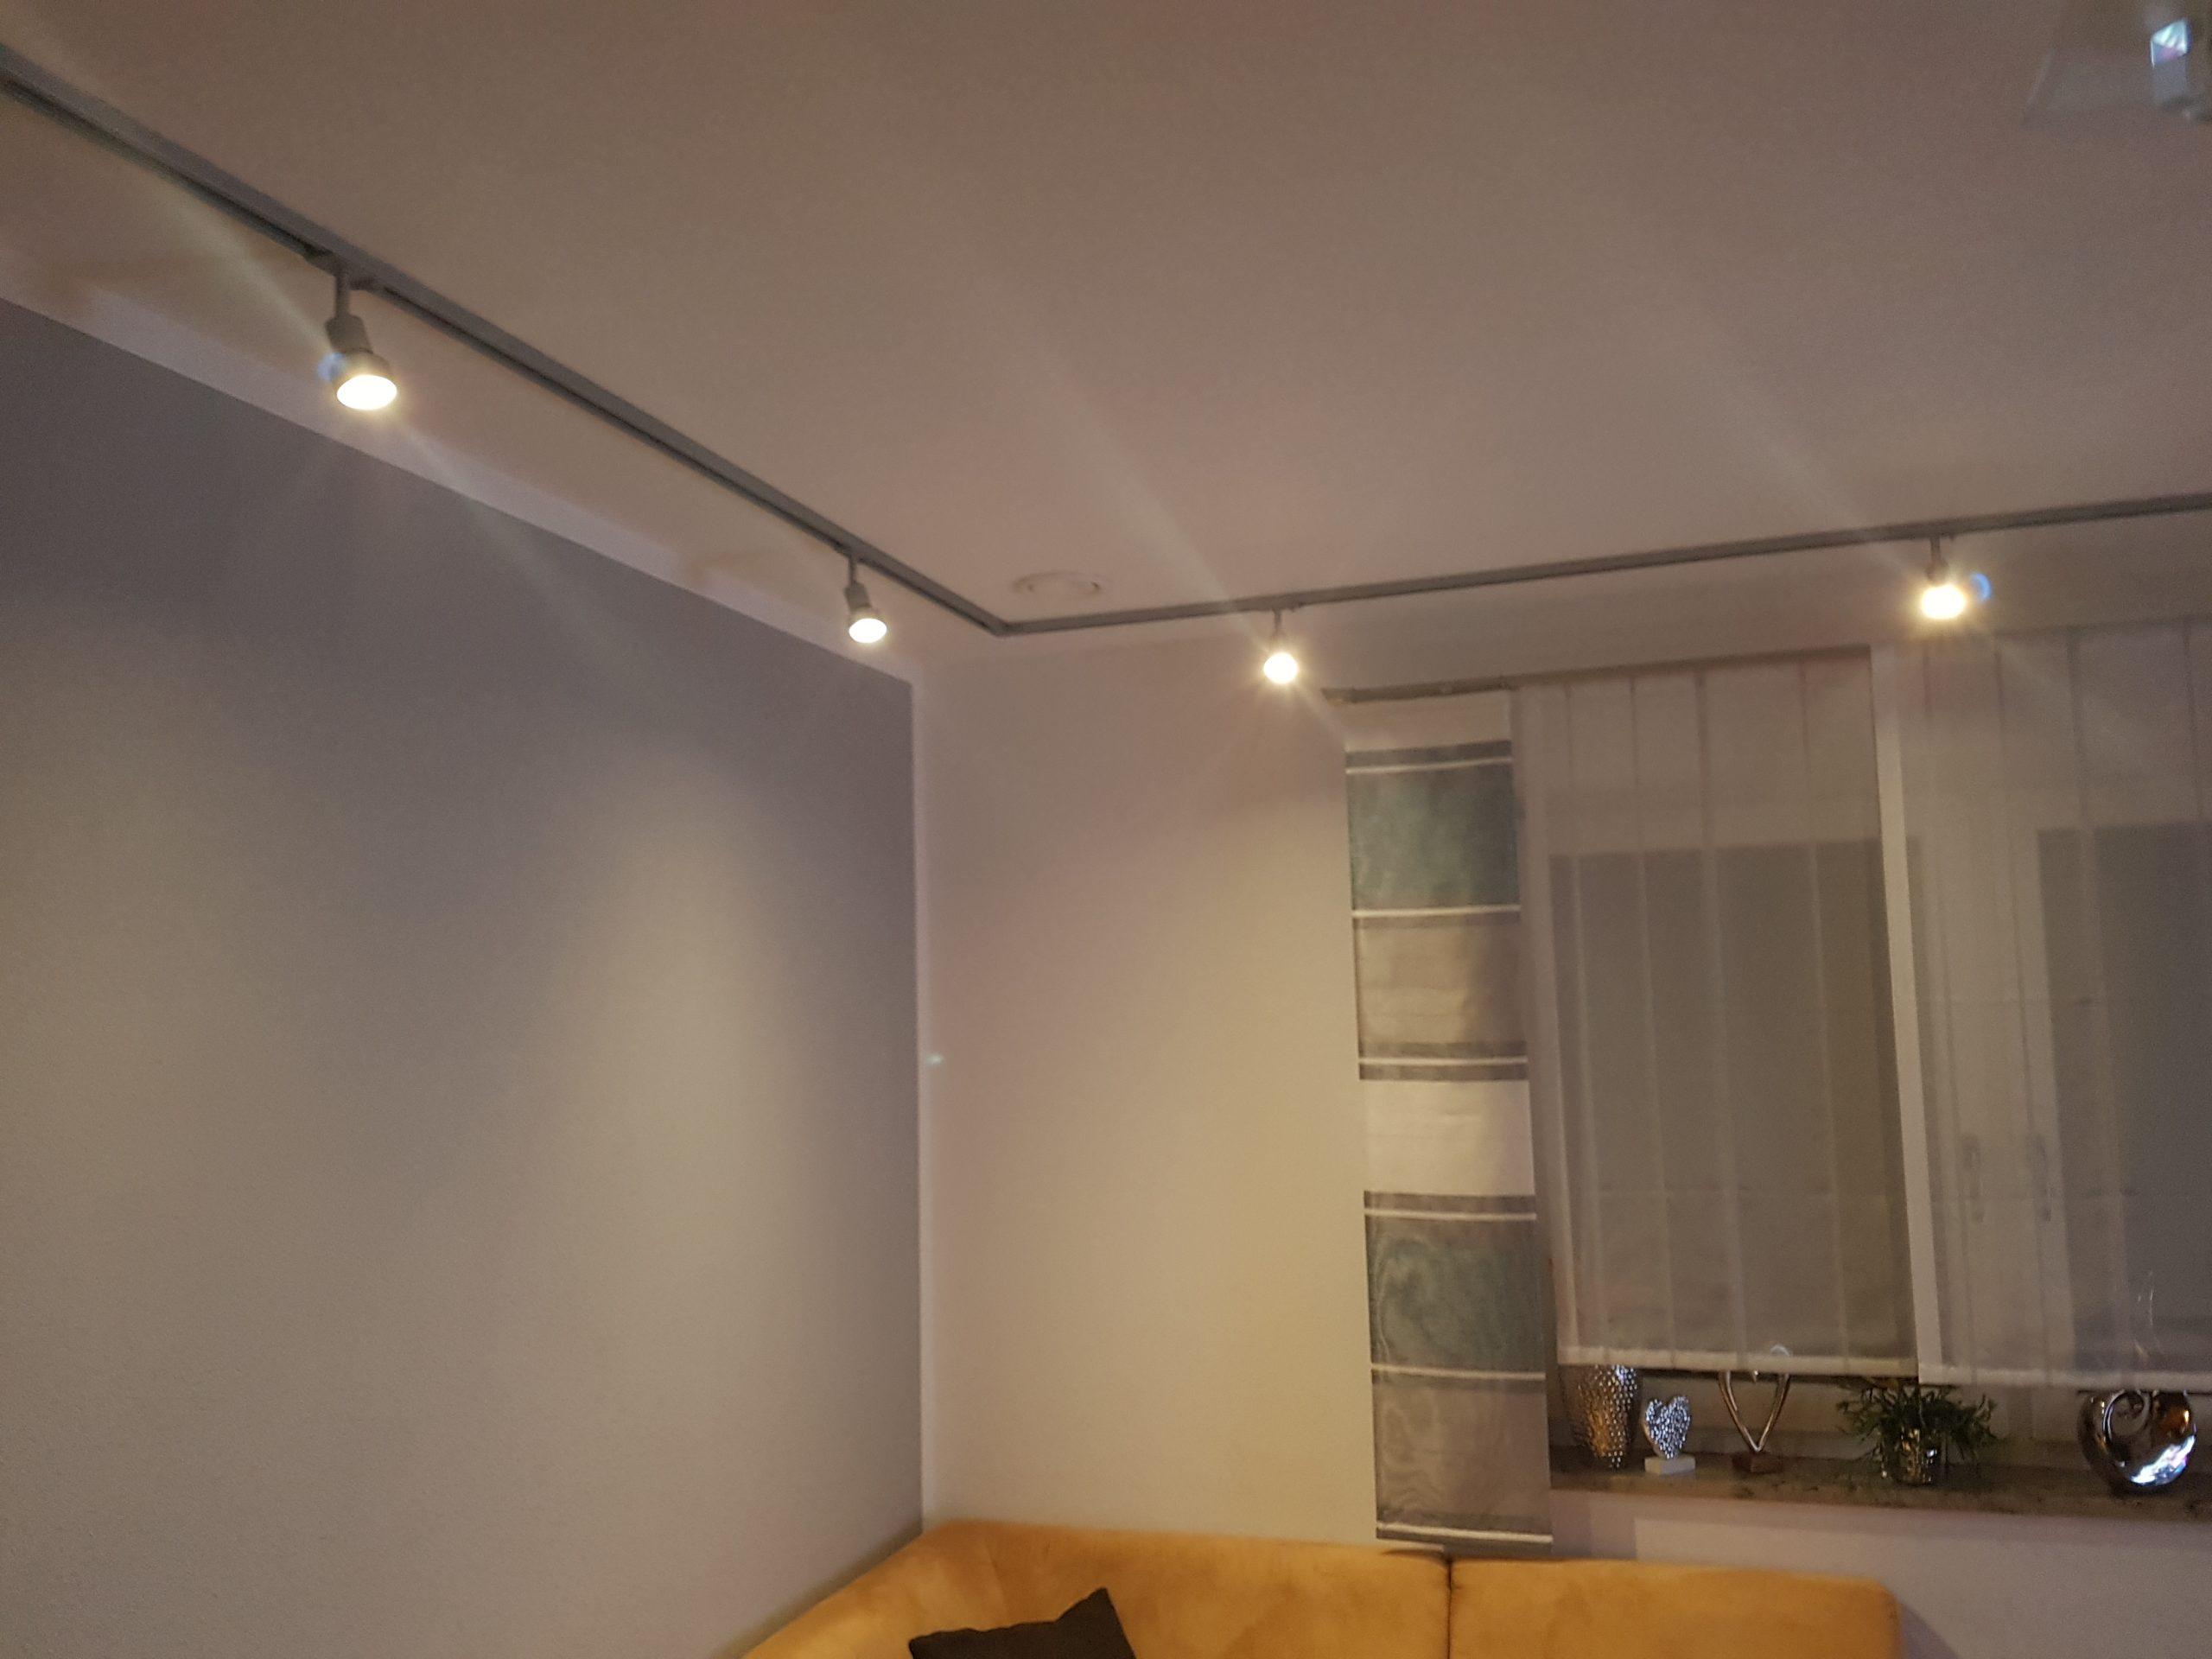 Full Size of Indirekte Beleuchtung Wohnzimmer Ecke Indirekte Beleuchtung Wohnzimmer Diy Indirekte Beleuchtung Wohnzimmer Kosten Indirekte Wohnzimmer Beleuchtung Selber Machen Wohnzimmer Indirekte Beleuchtung Wohnzimmer